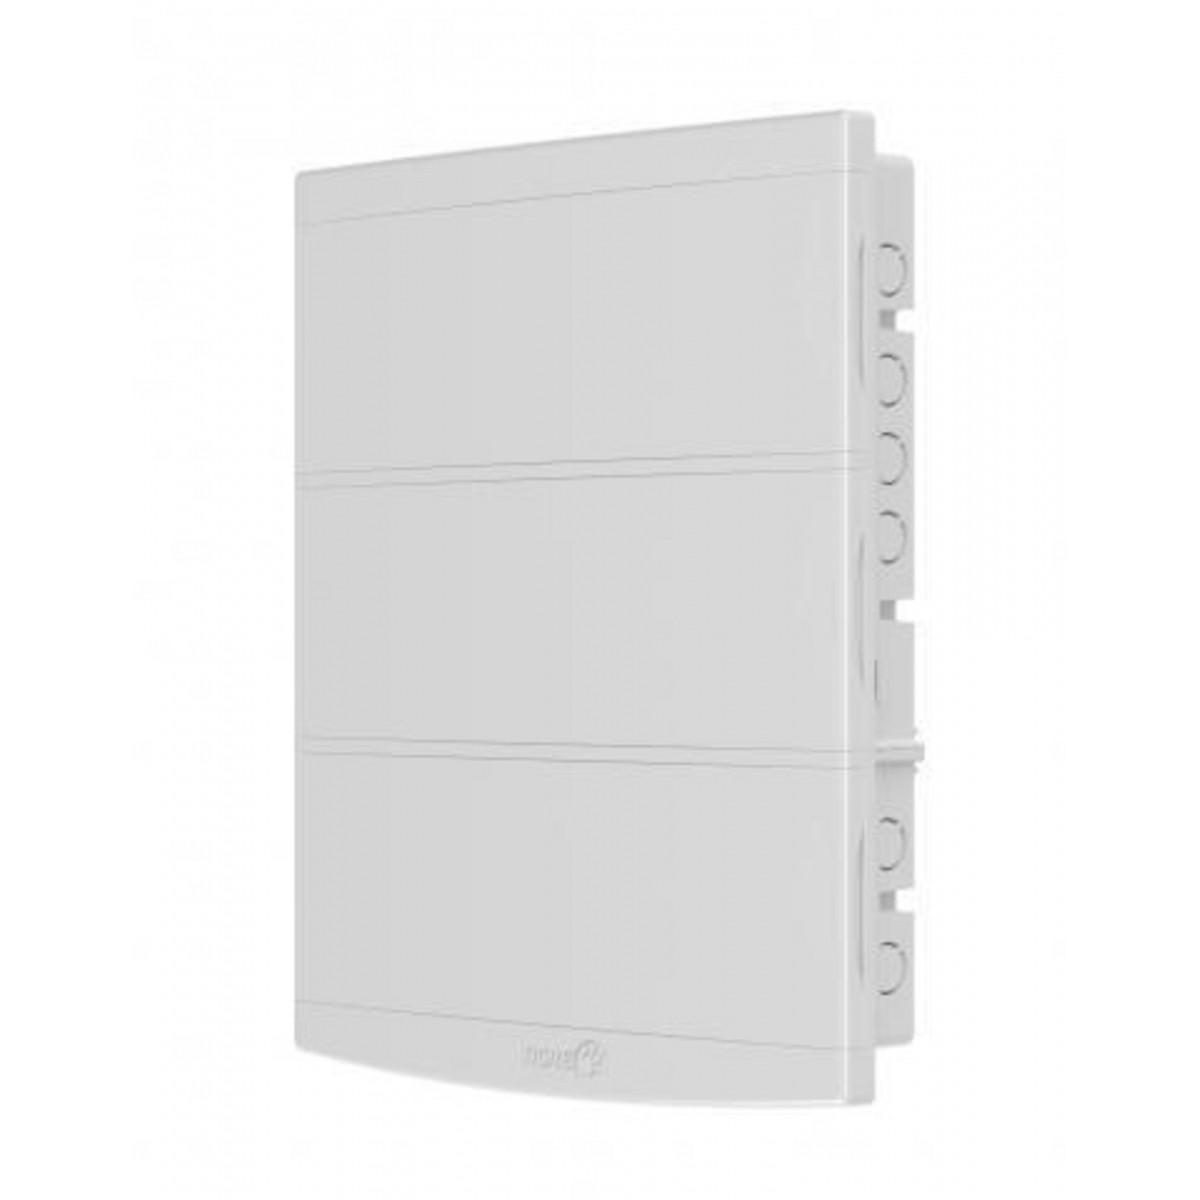 Quadro Distribuição S/Bar.Slim 48 Disjuntores - Tigre Branco